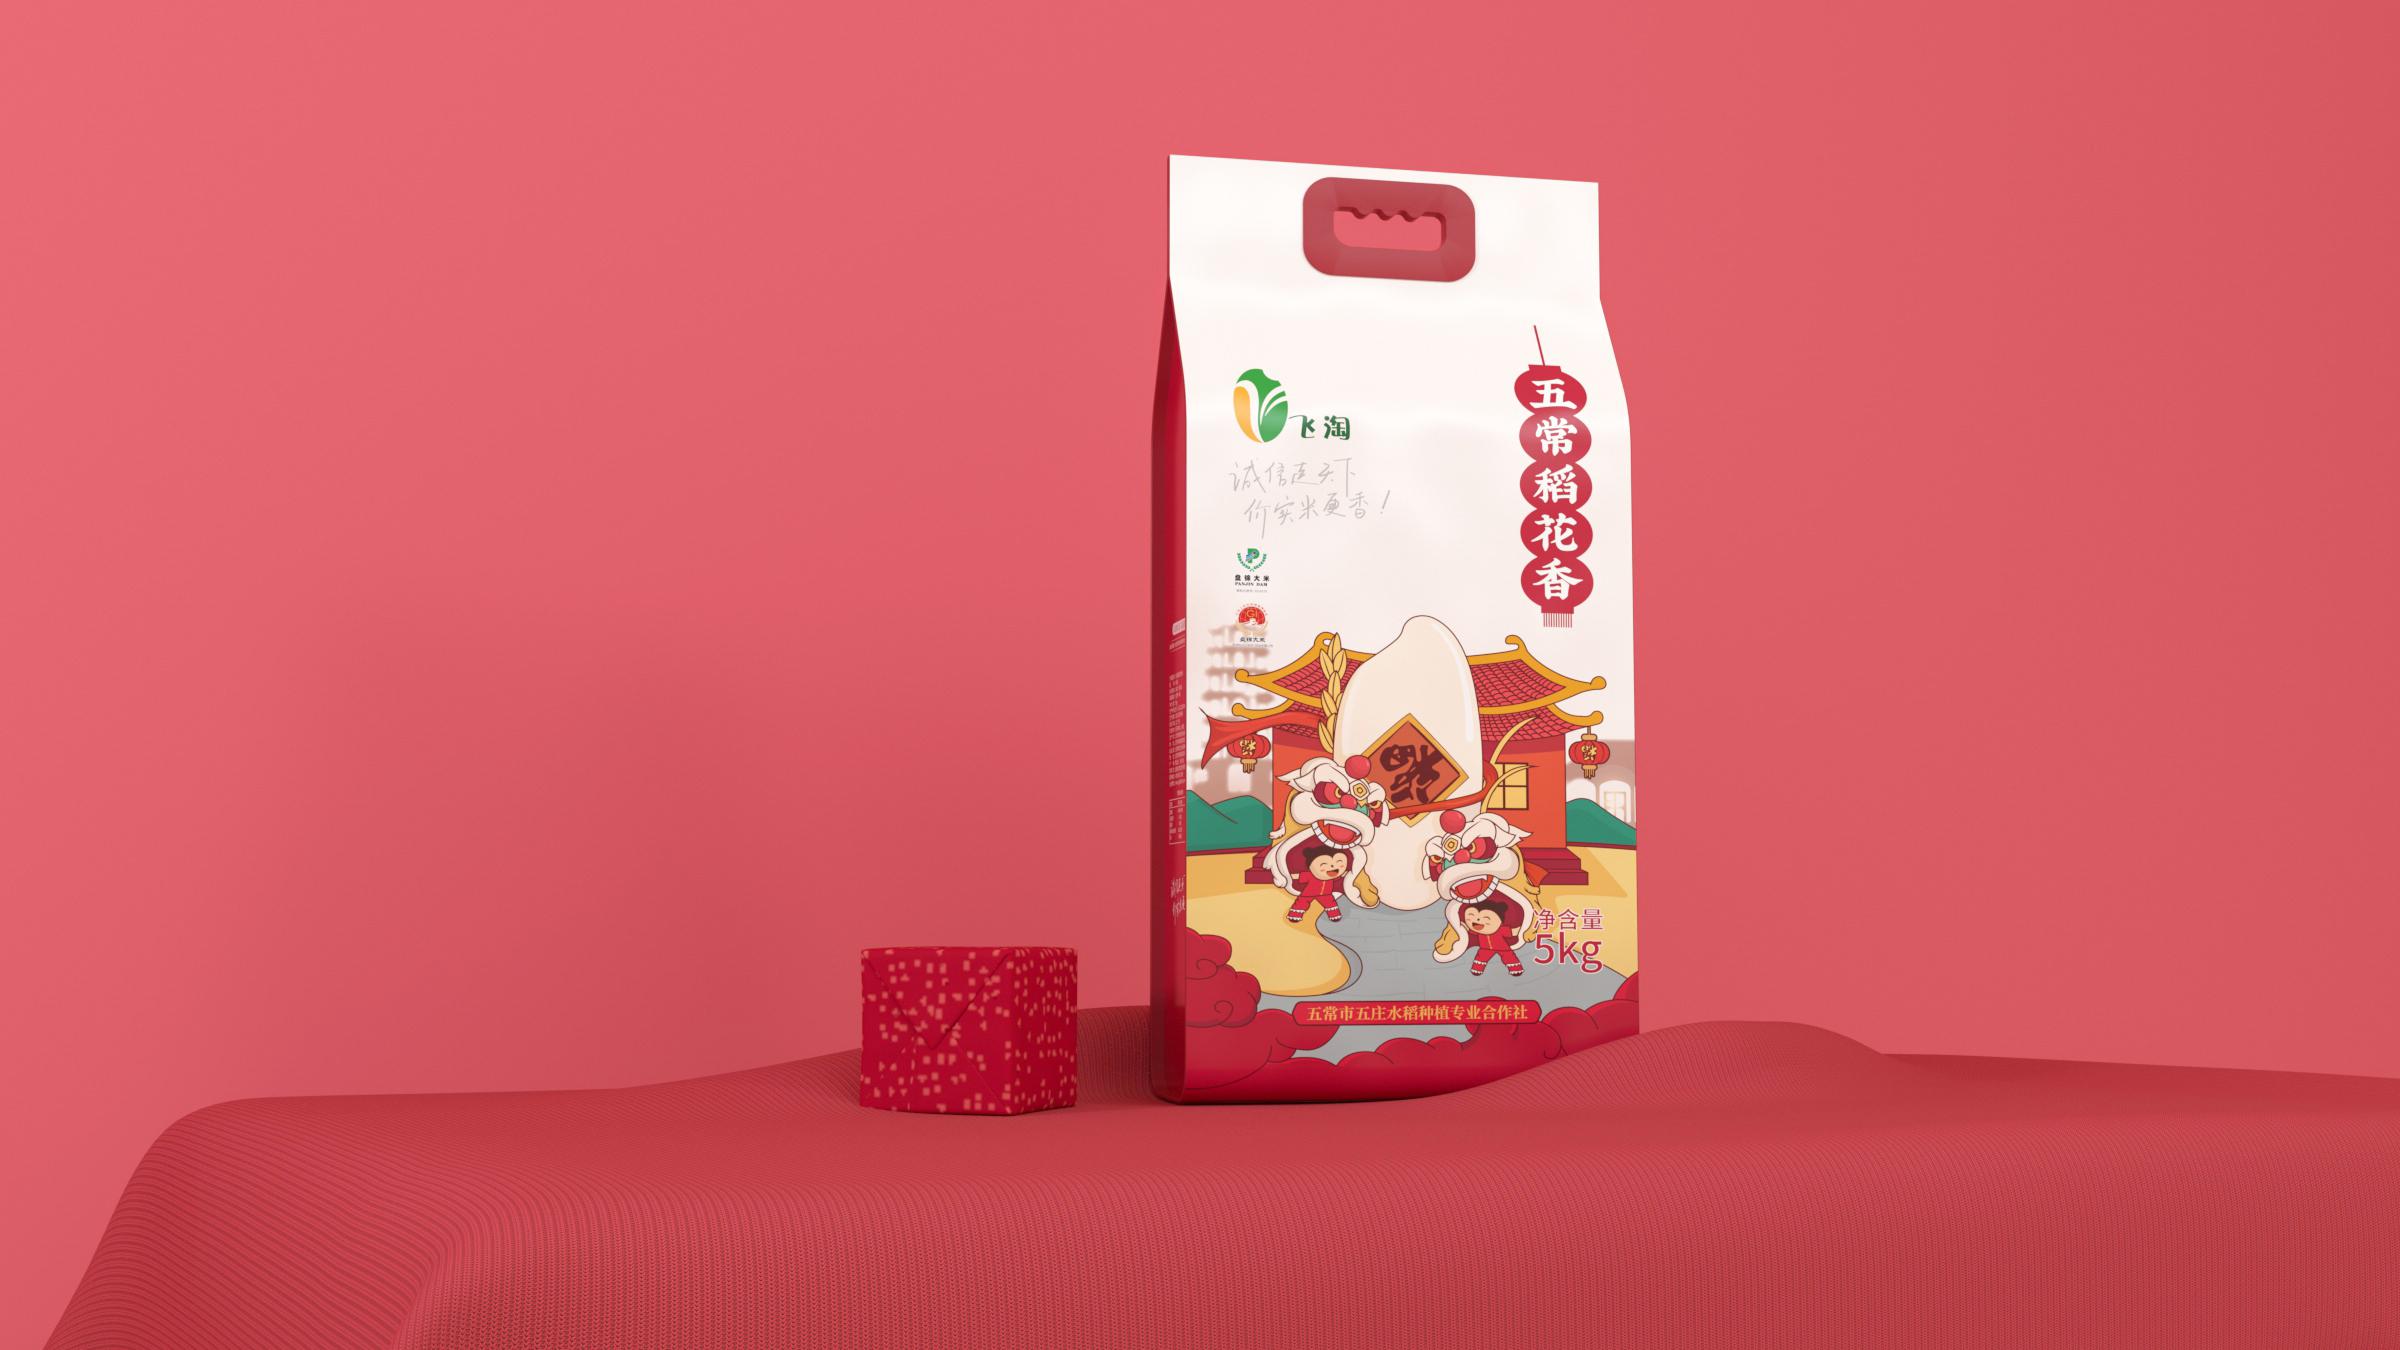 飛淘五常稻花香米包裝設計